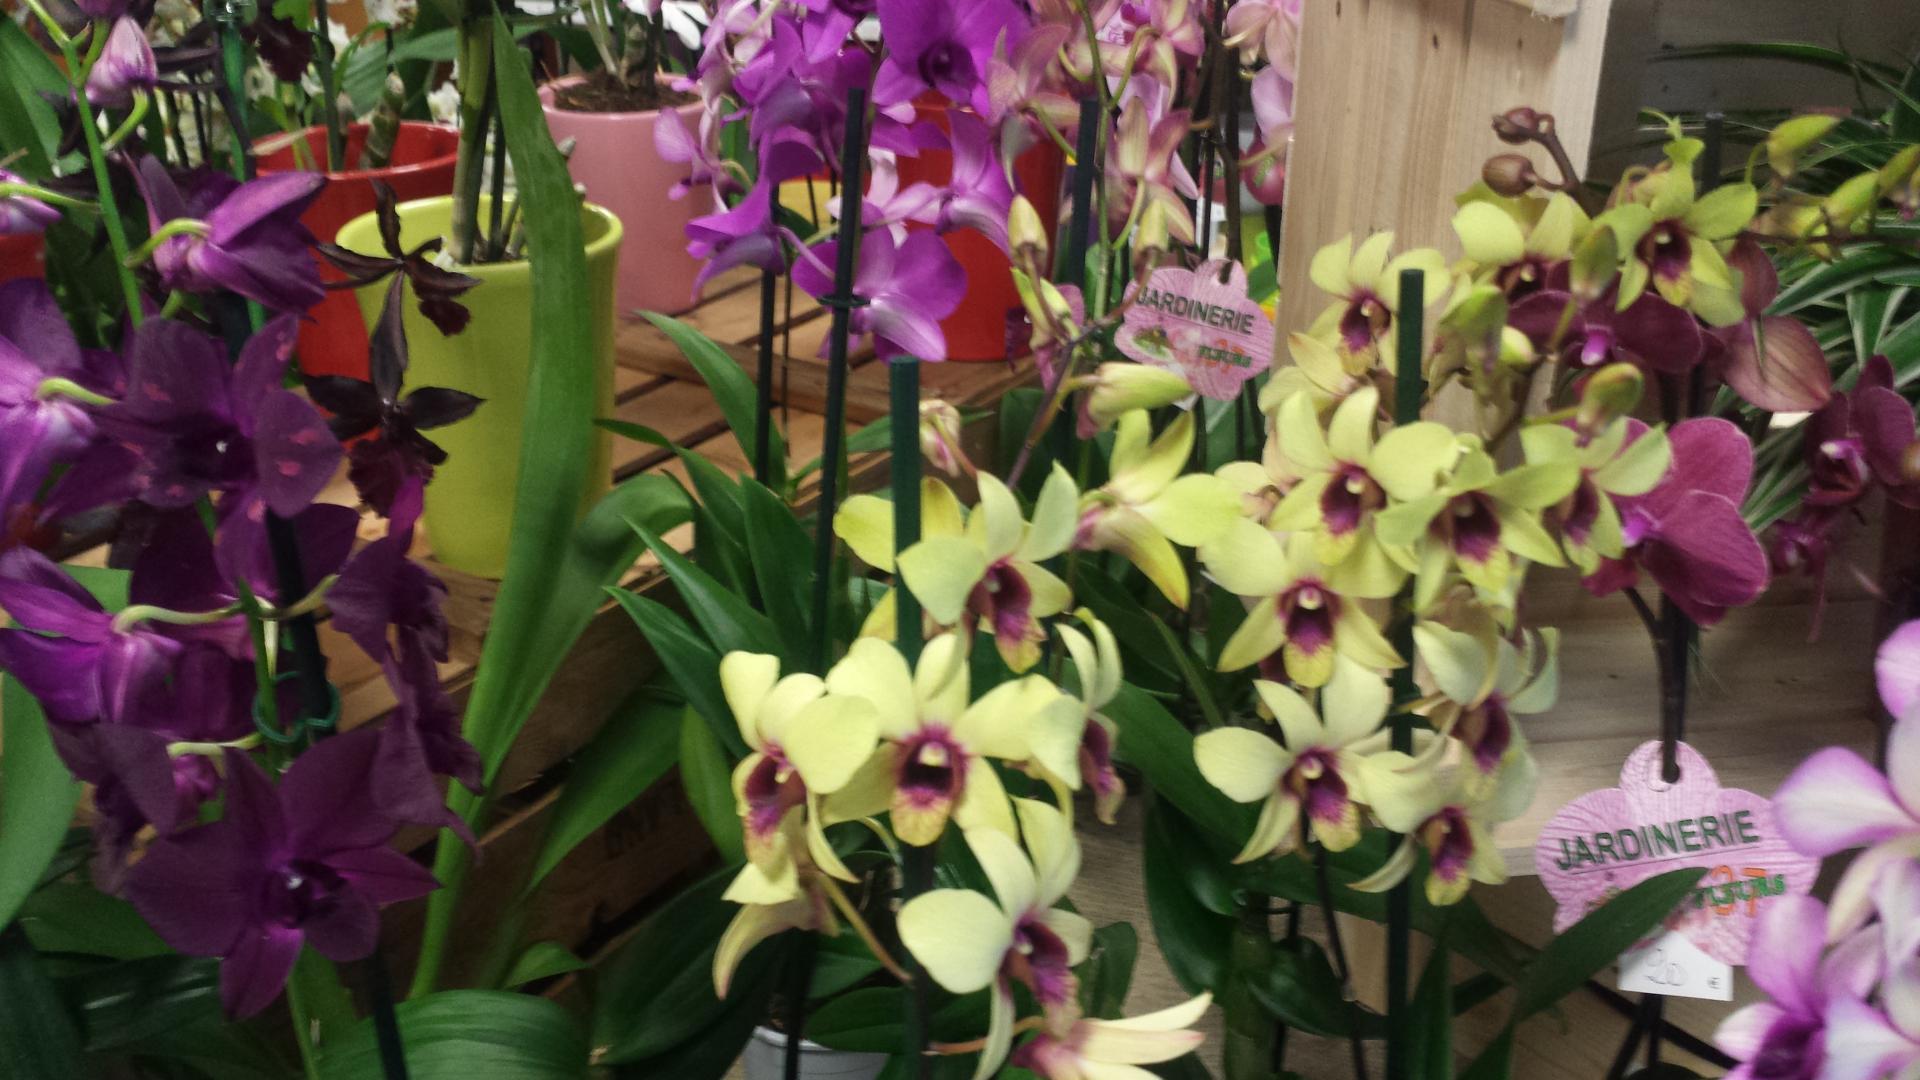 Achat plante verte loches sarl jardinerie fleurs 37 for Achat plante jardin